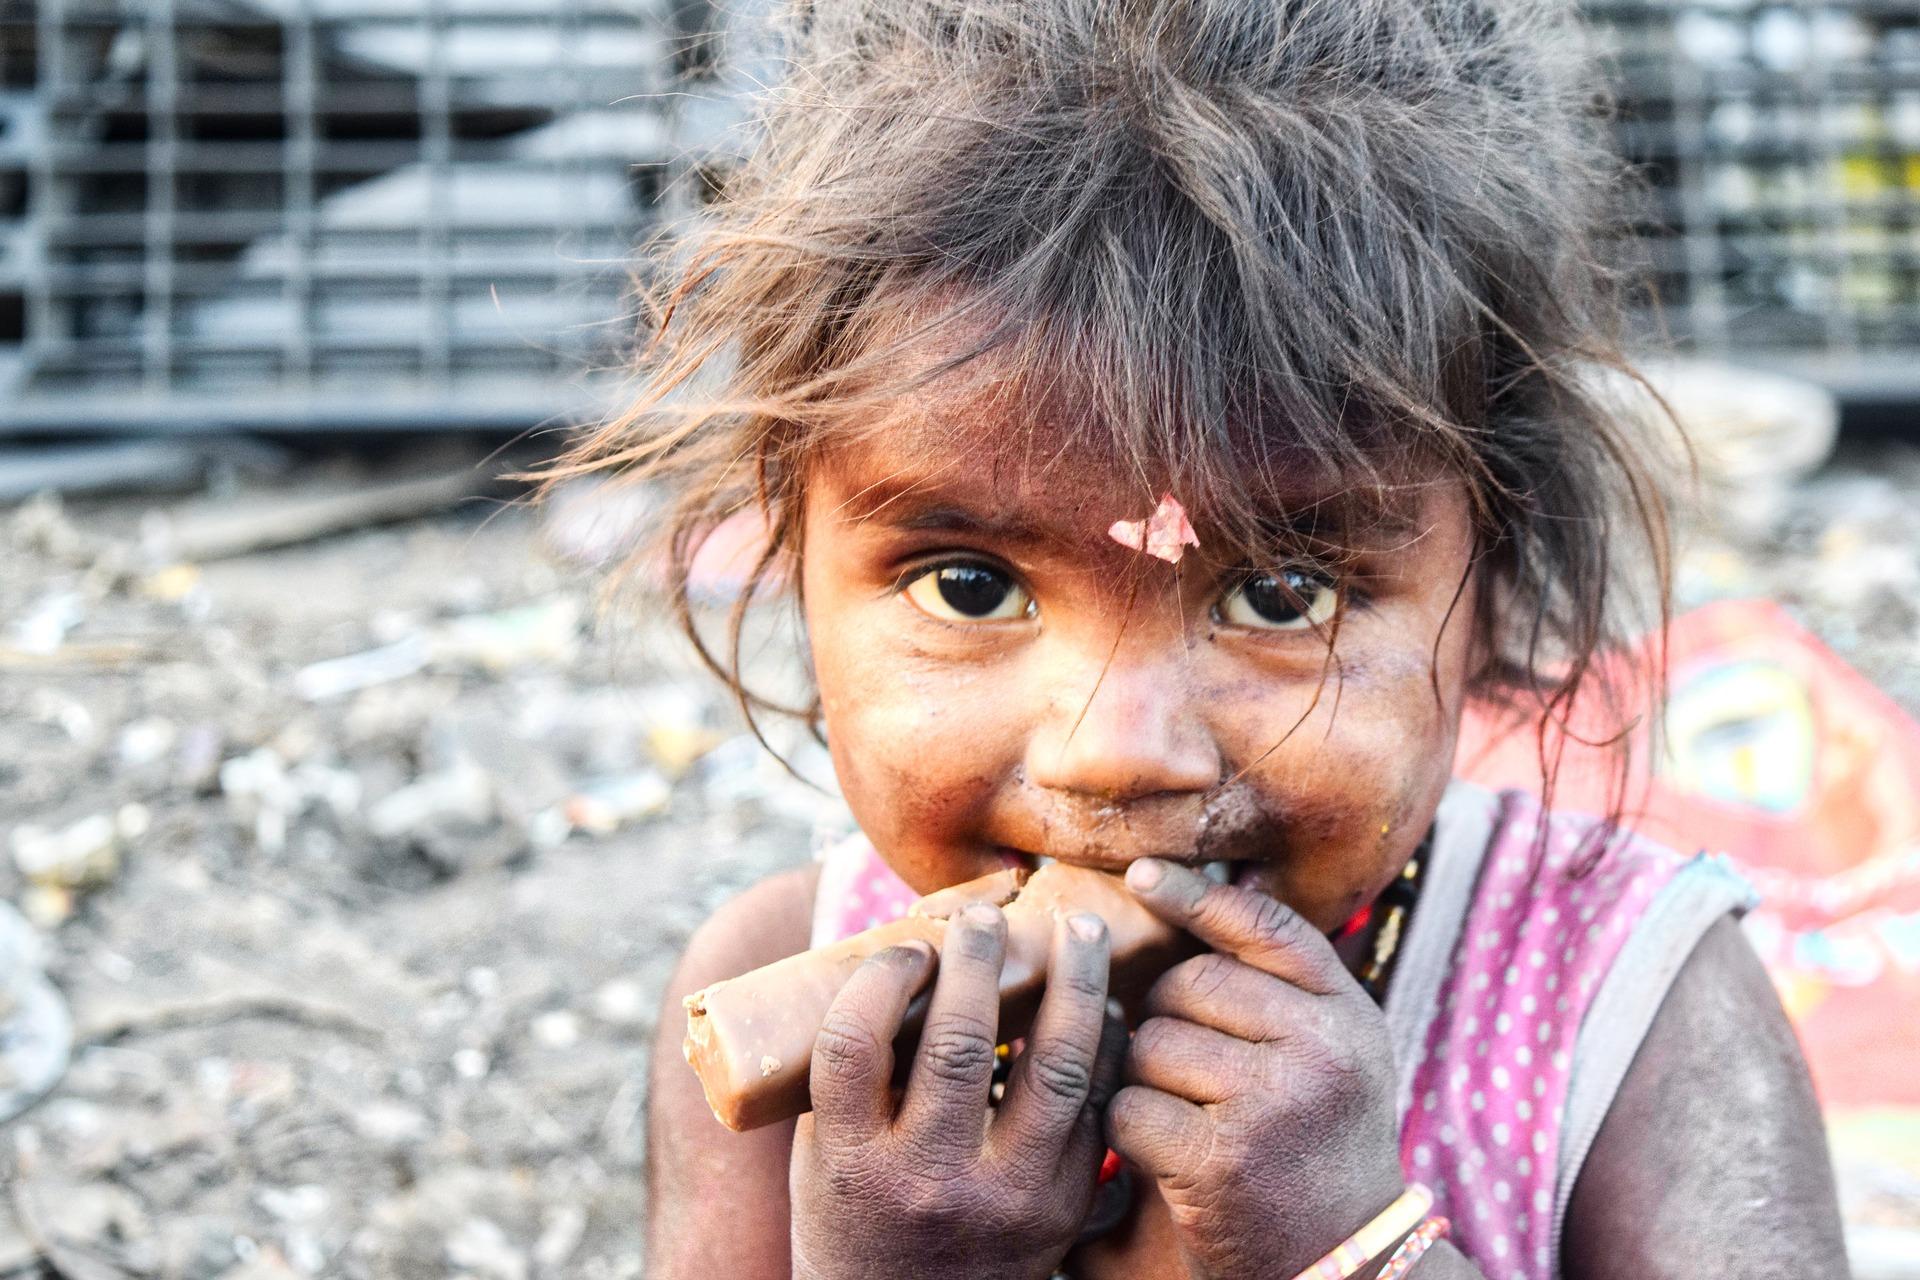 飢餓がもたらす子どもへの影響